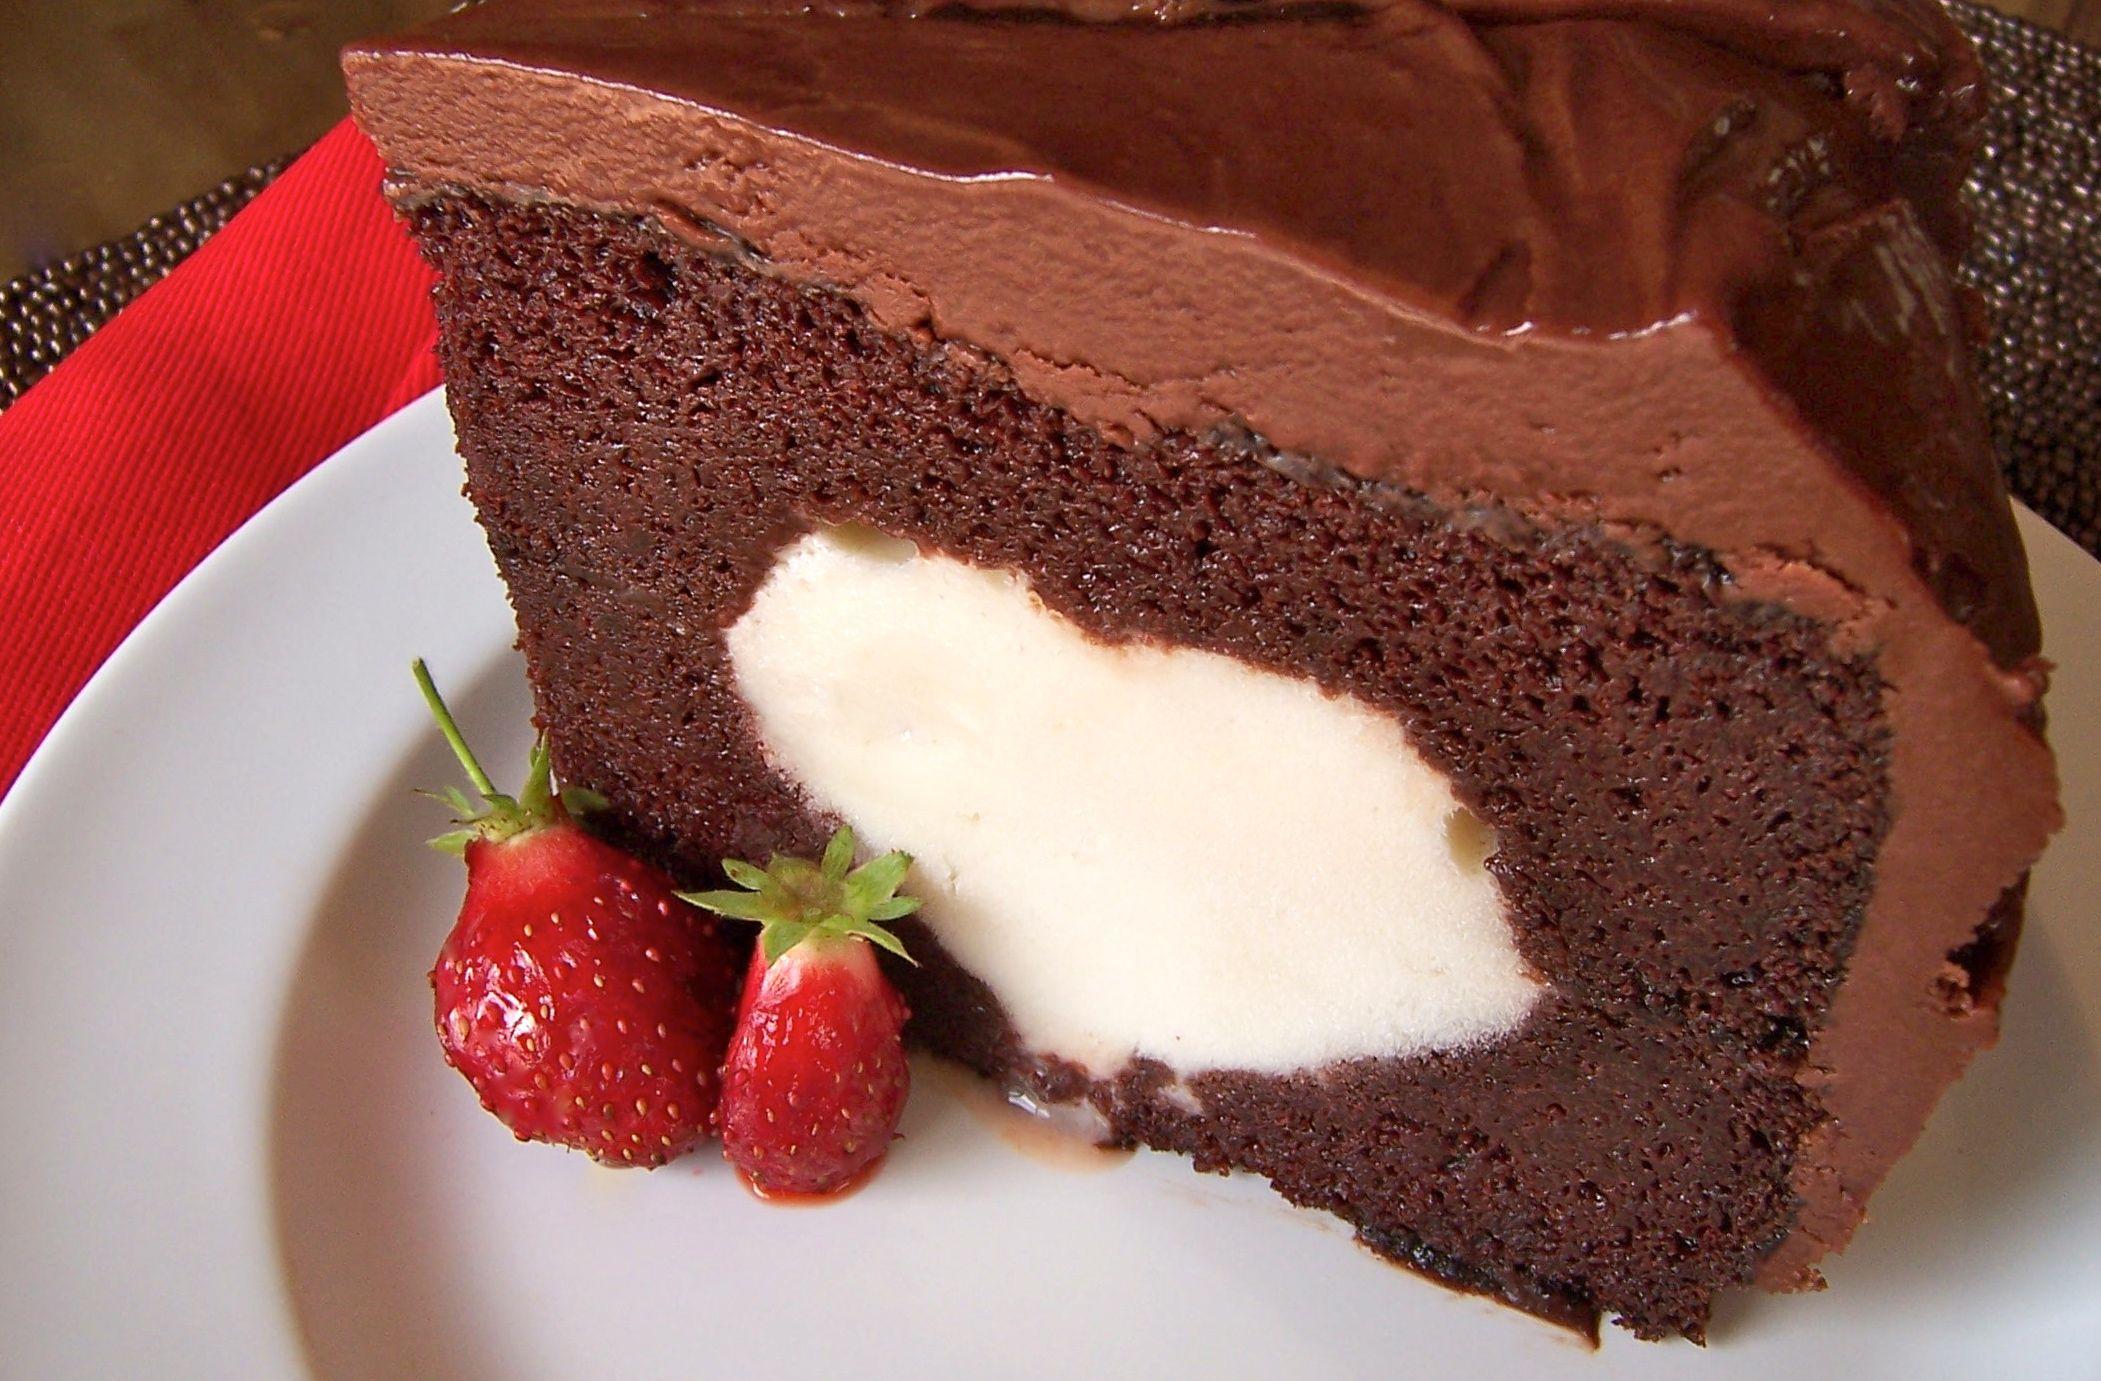 Gluten free and allergen free chocolate ice cream cake